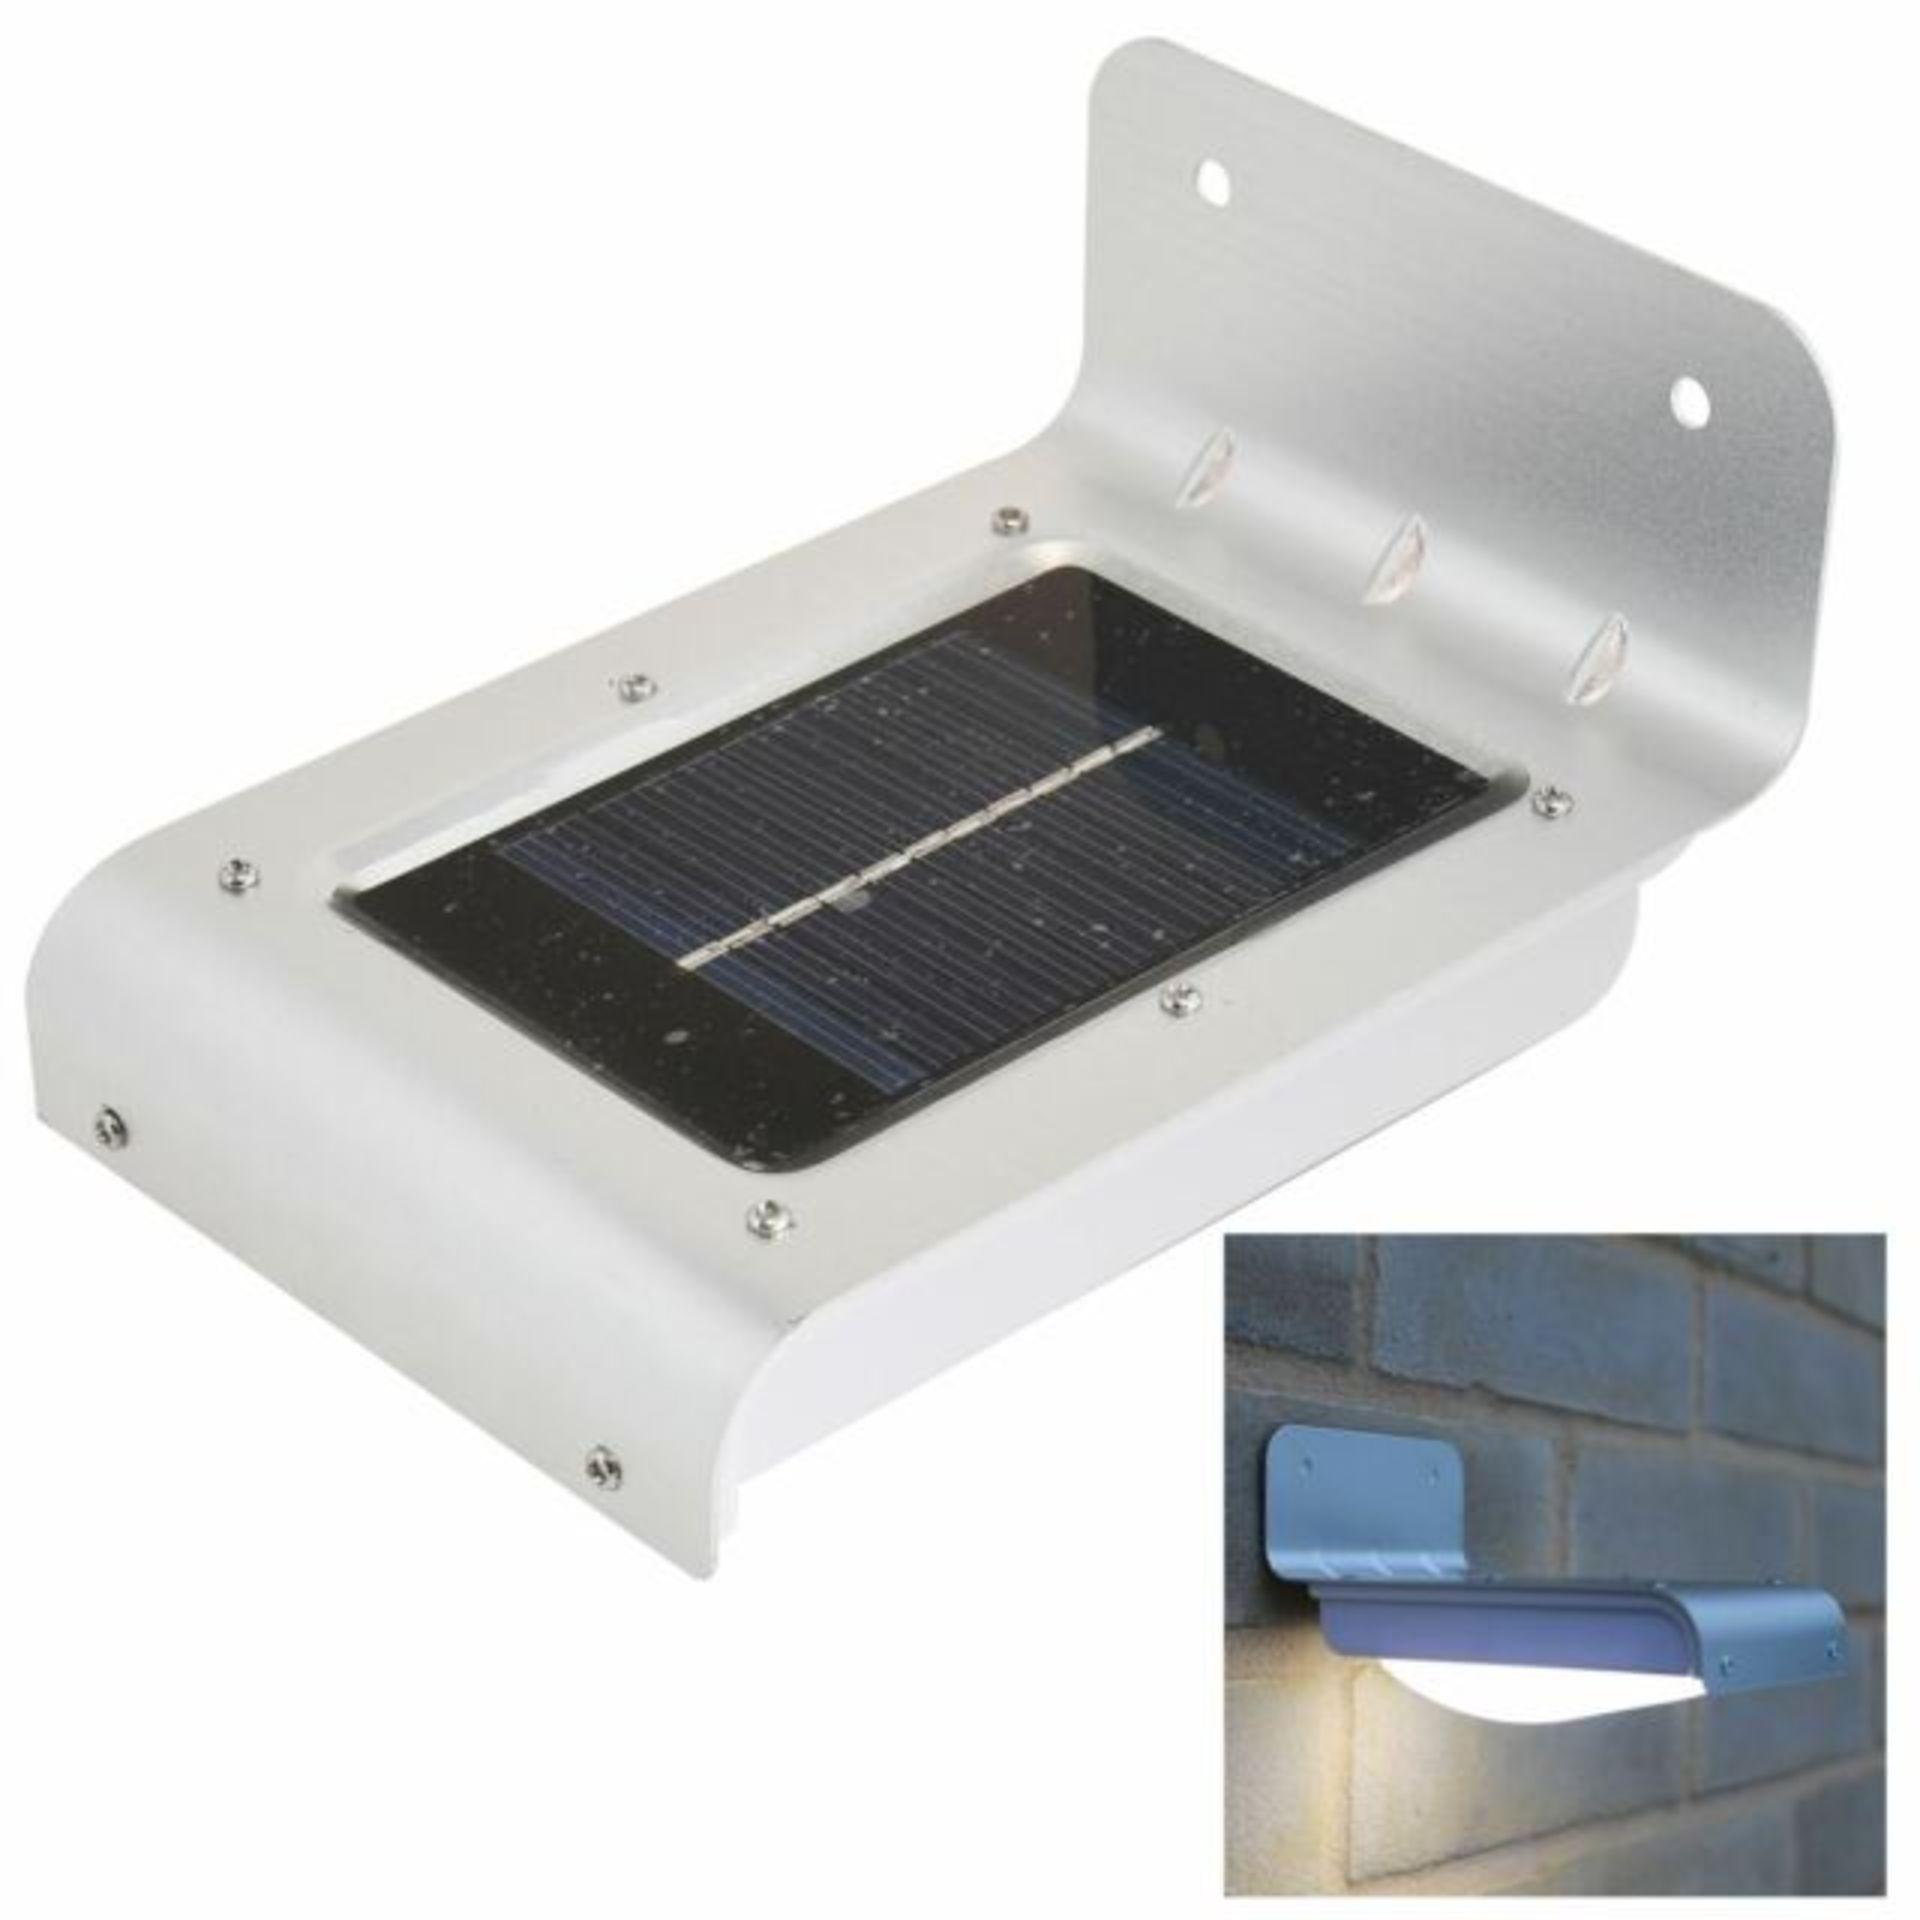 Lot 12791 - V Brand New Super Bright 16 LED Solar Motion Sensor Light Including Rechargeable Battery